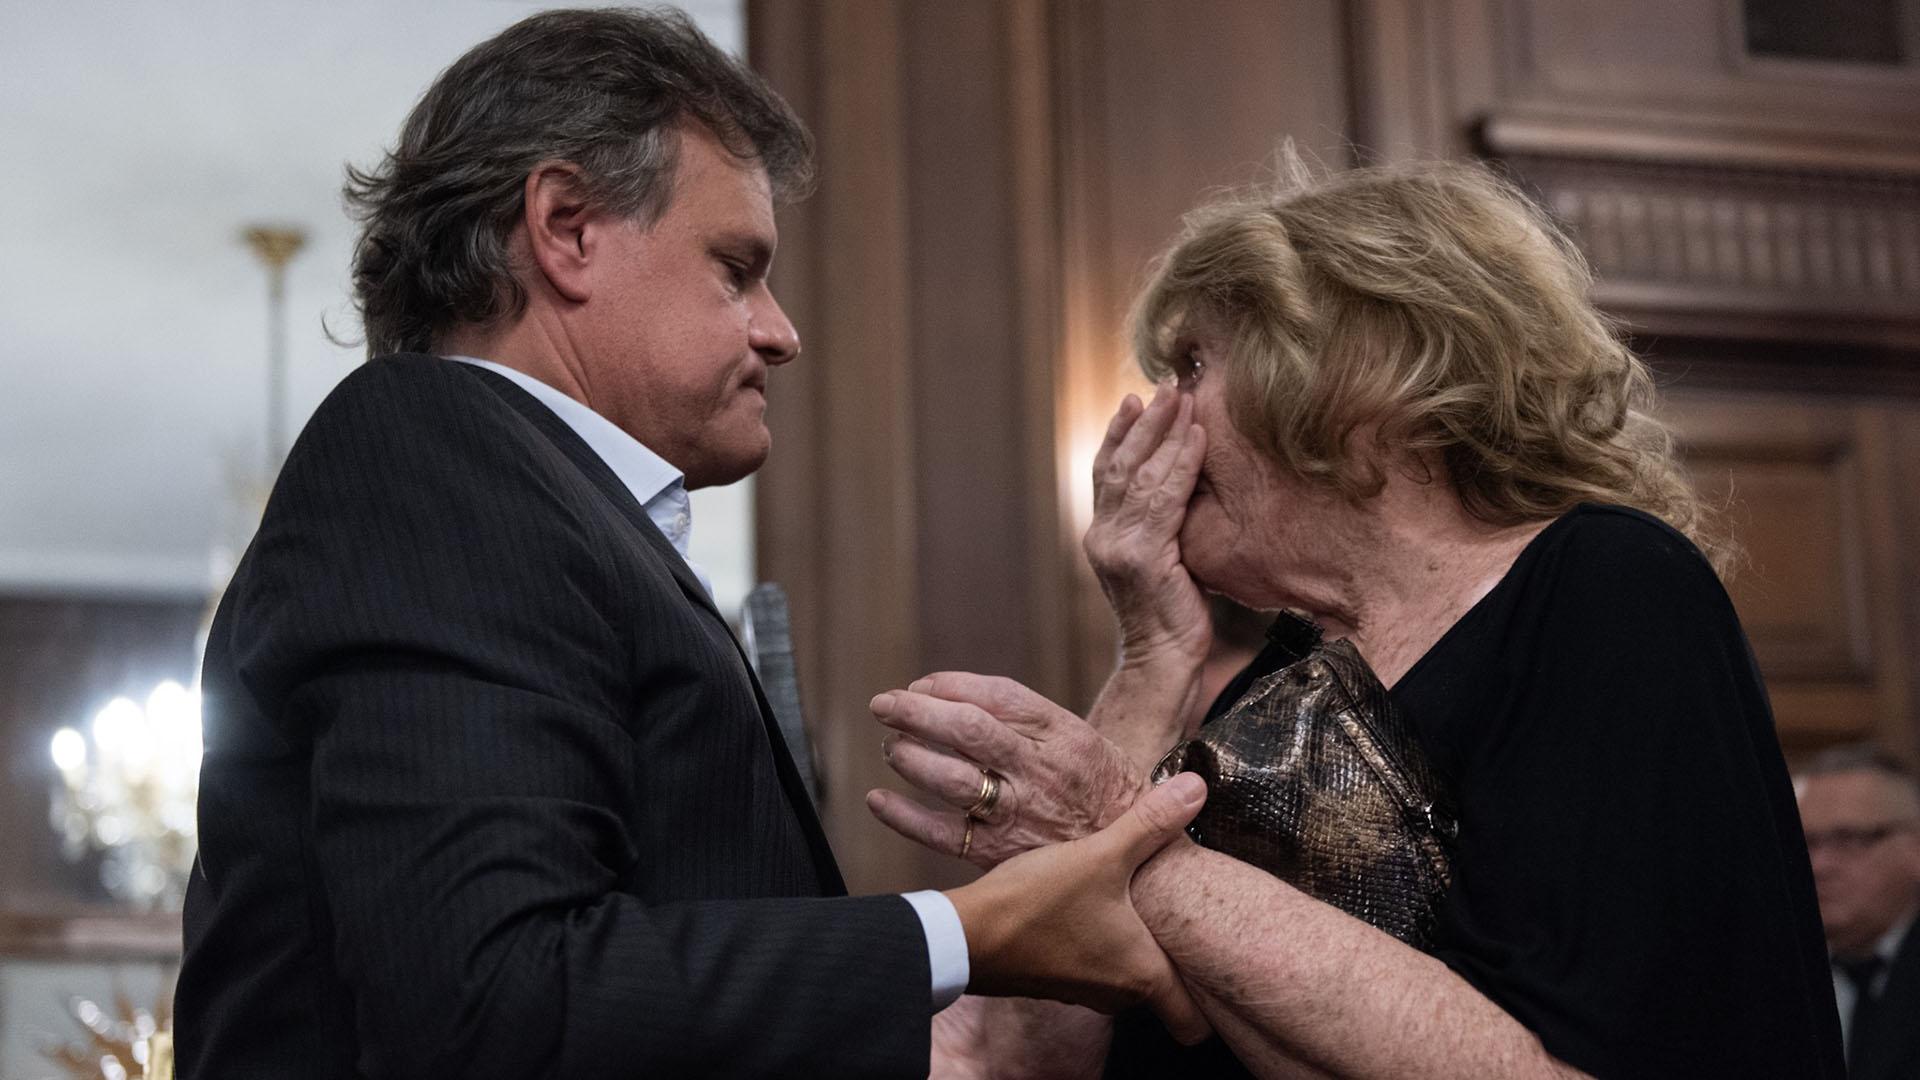 A un año de la muerte de la periodista Débora Pérez Volpin, sus seres queridos realizaron el homenaje con un pedido de justicia (Adrián Escandar)